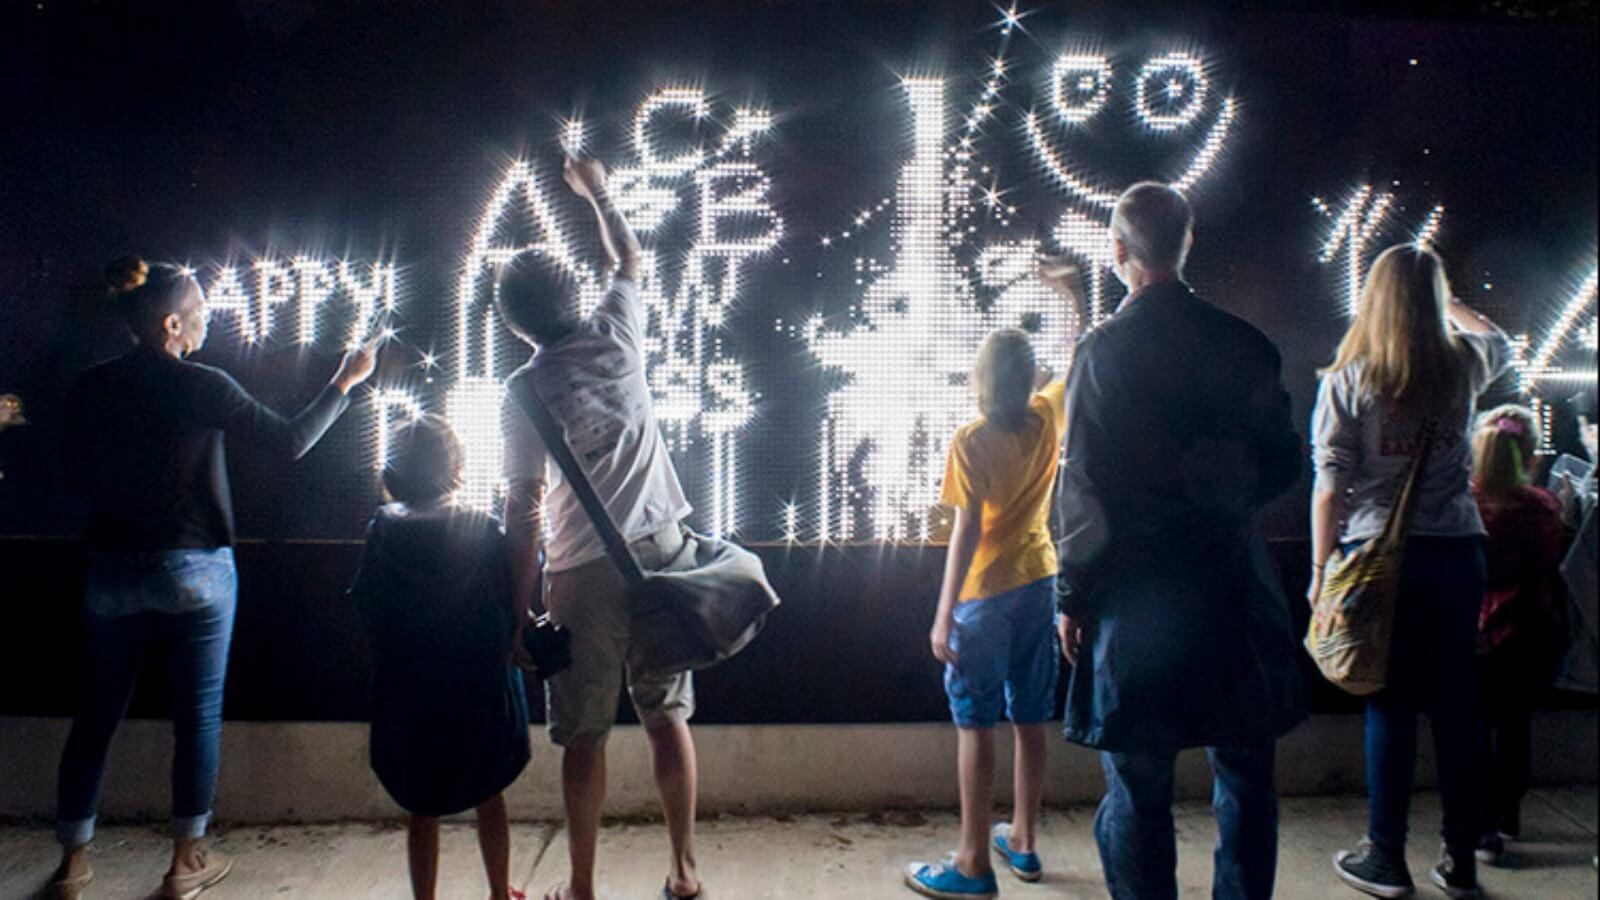 Arte efímero: graffiti hecho con agua y luz